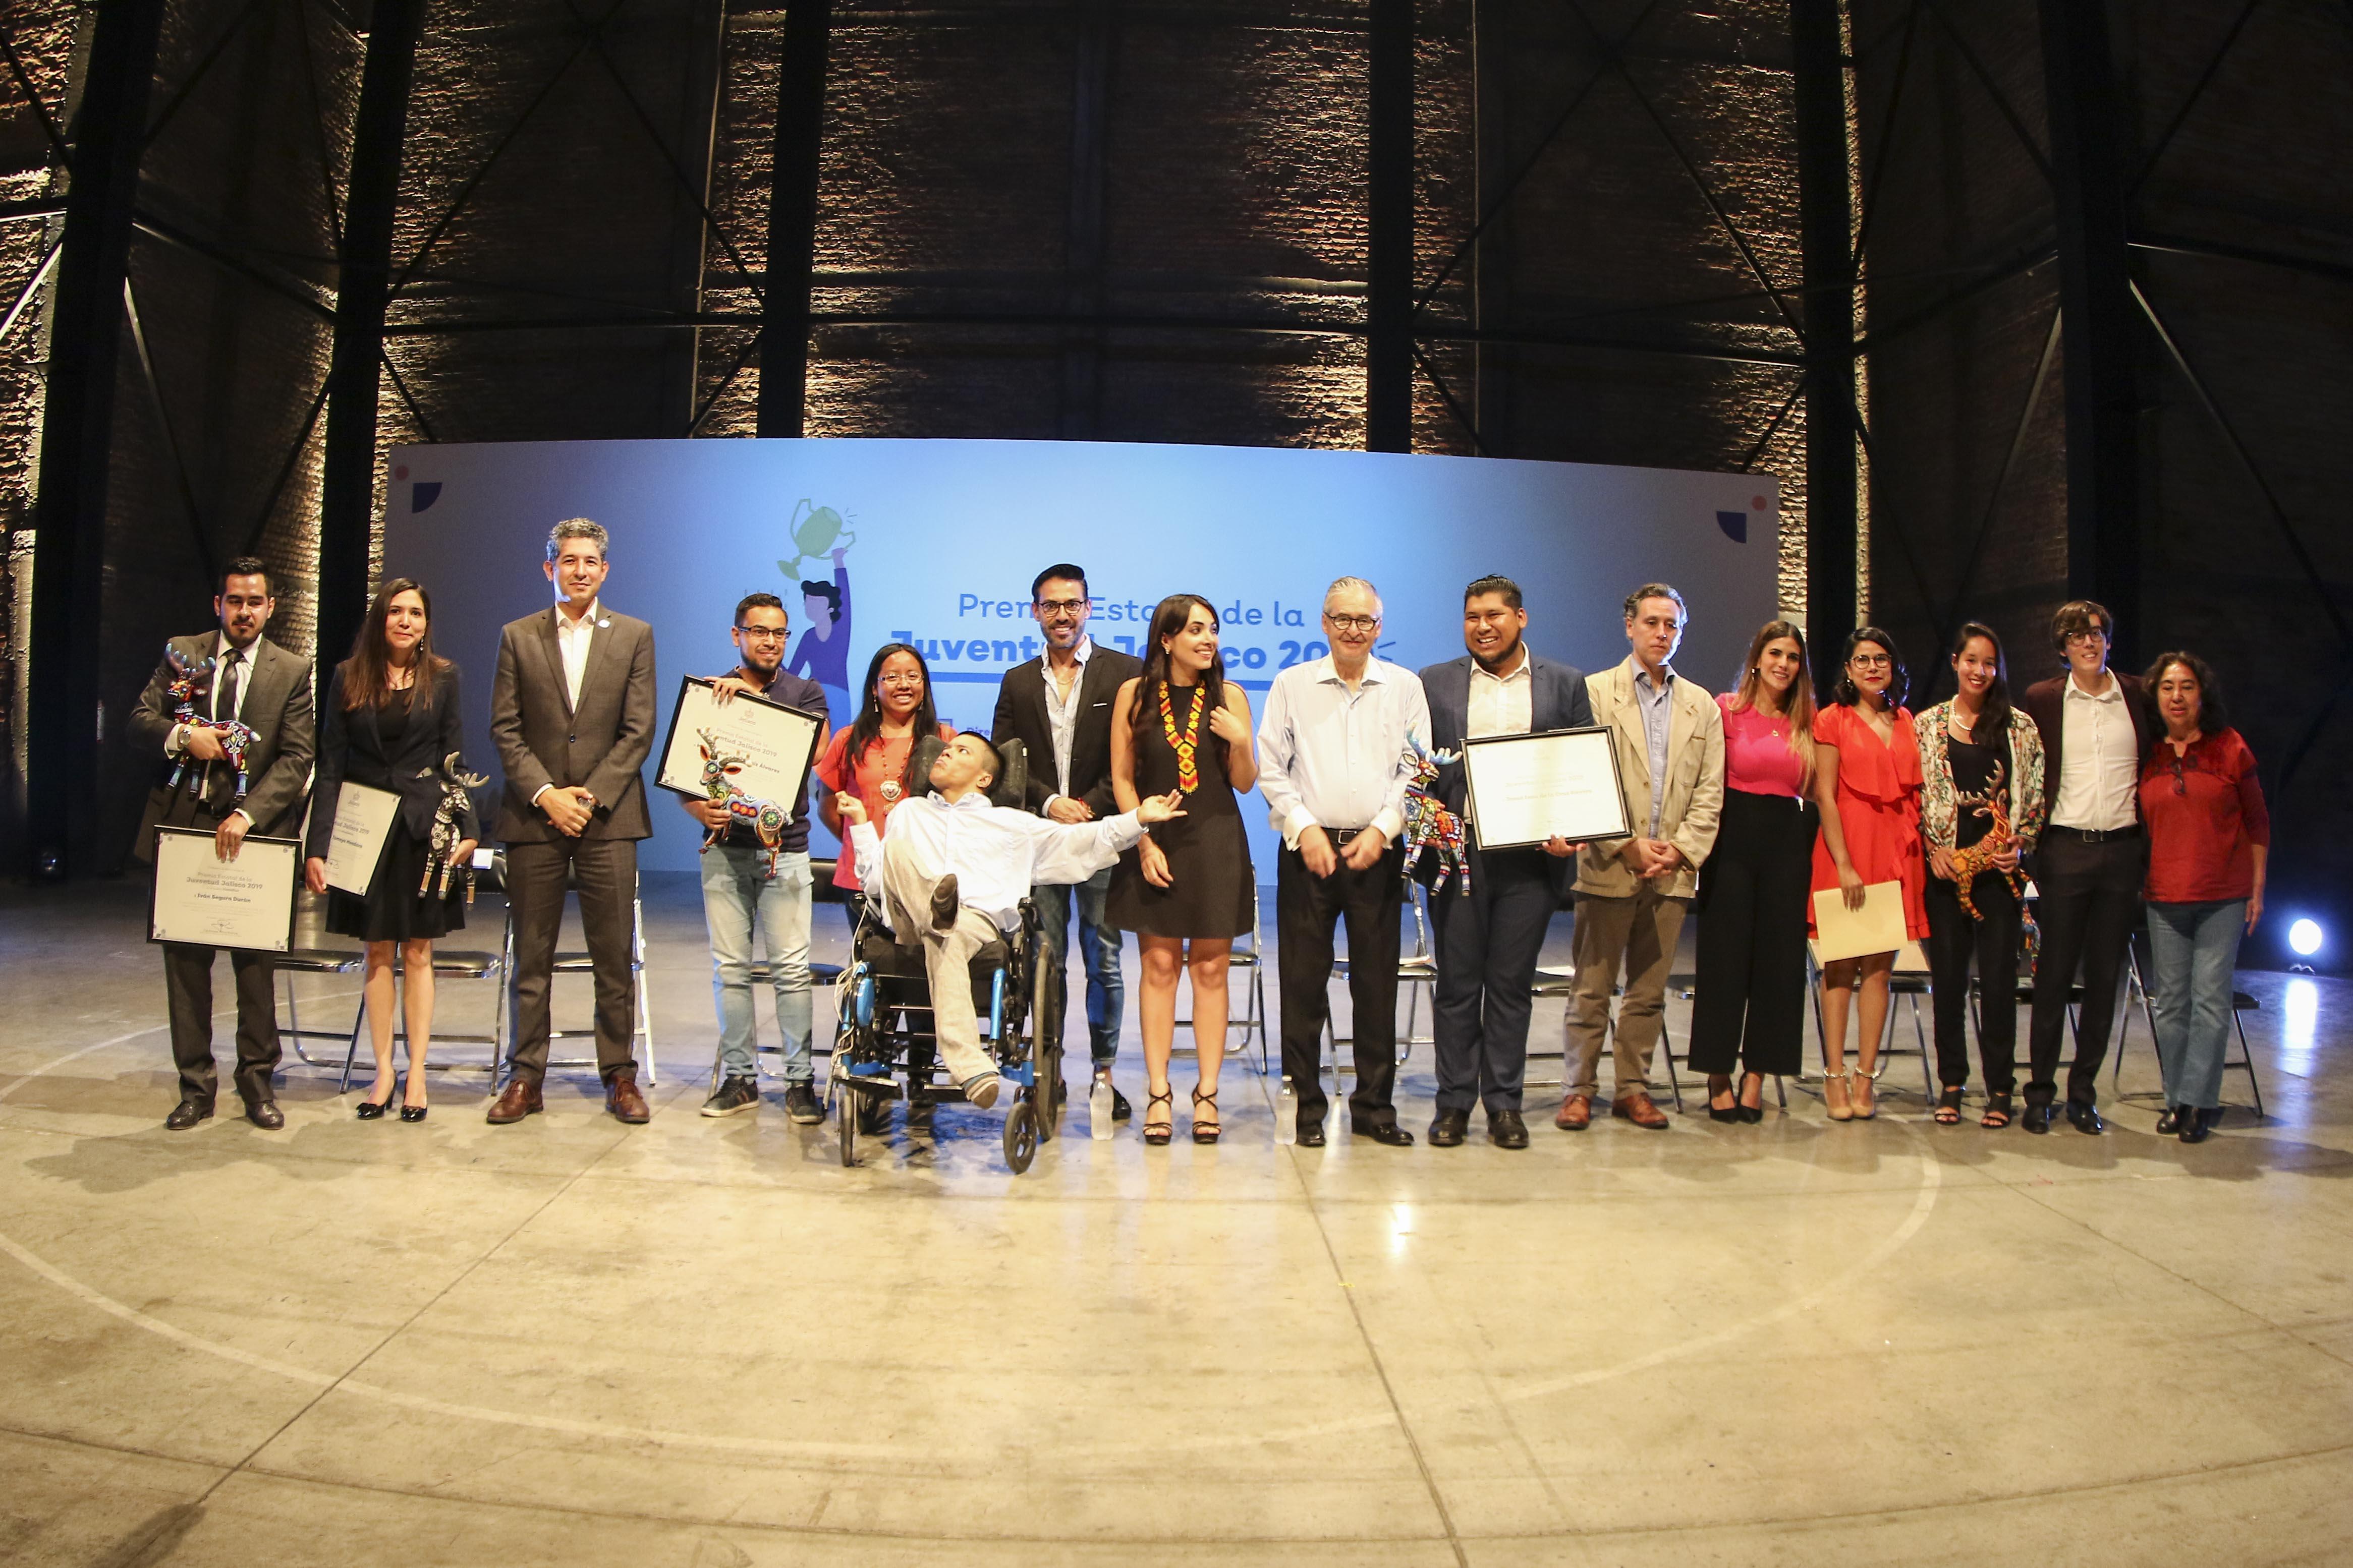 Foto grupal de jóvenes galardonados